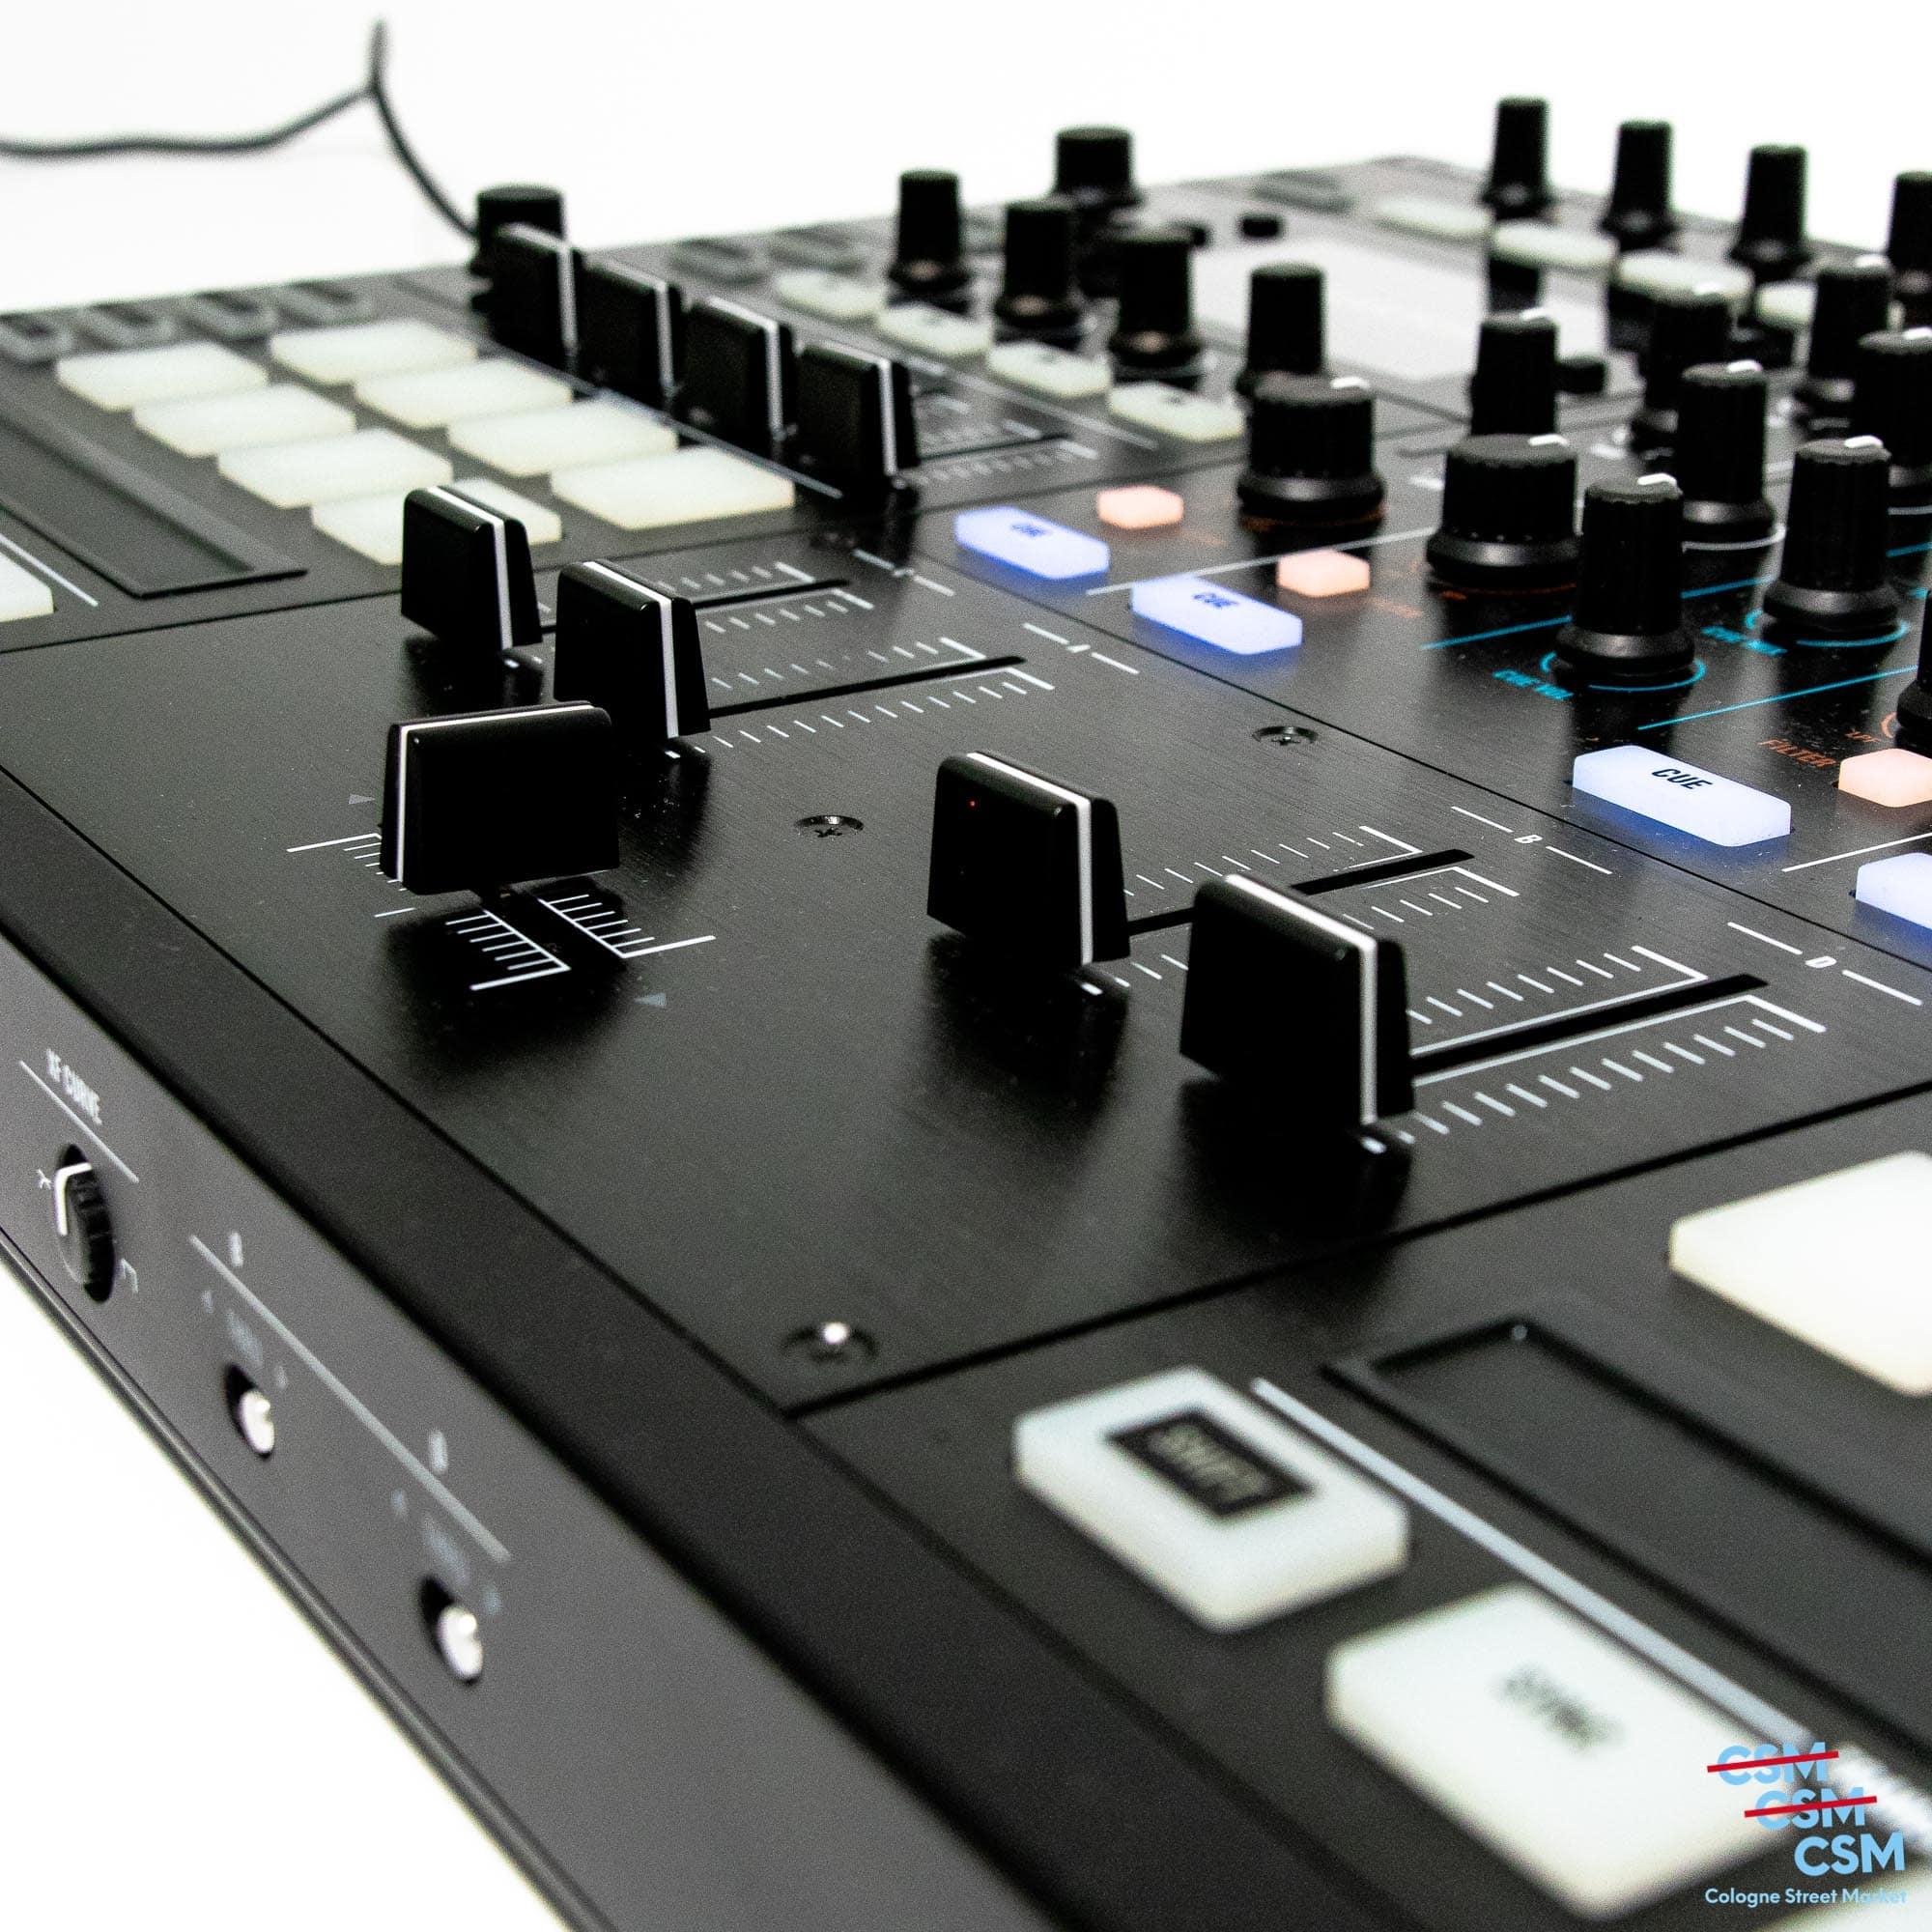 Gebraucht-kaufen-native-instruments-s8-08